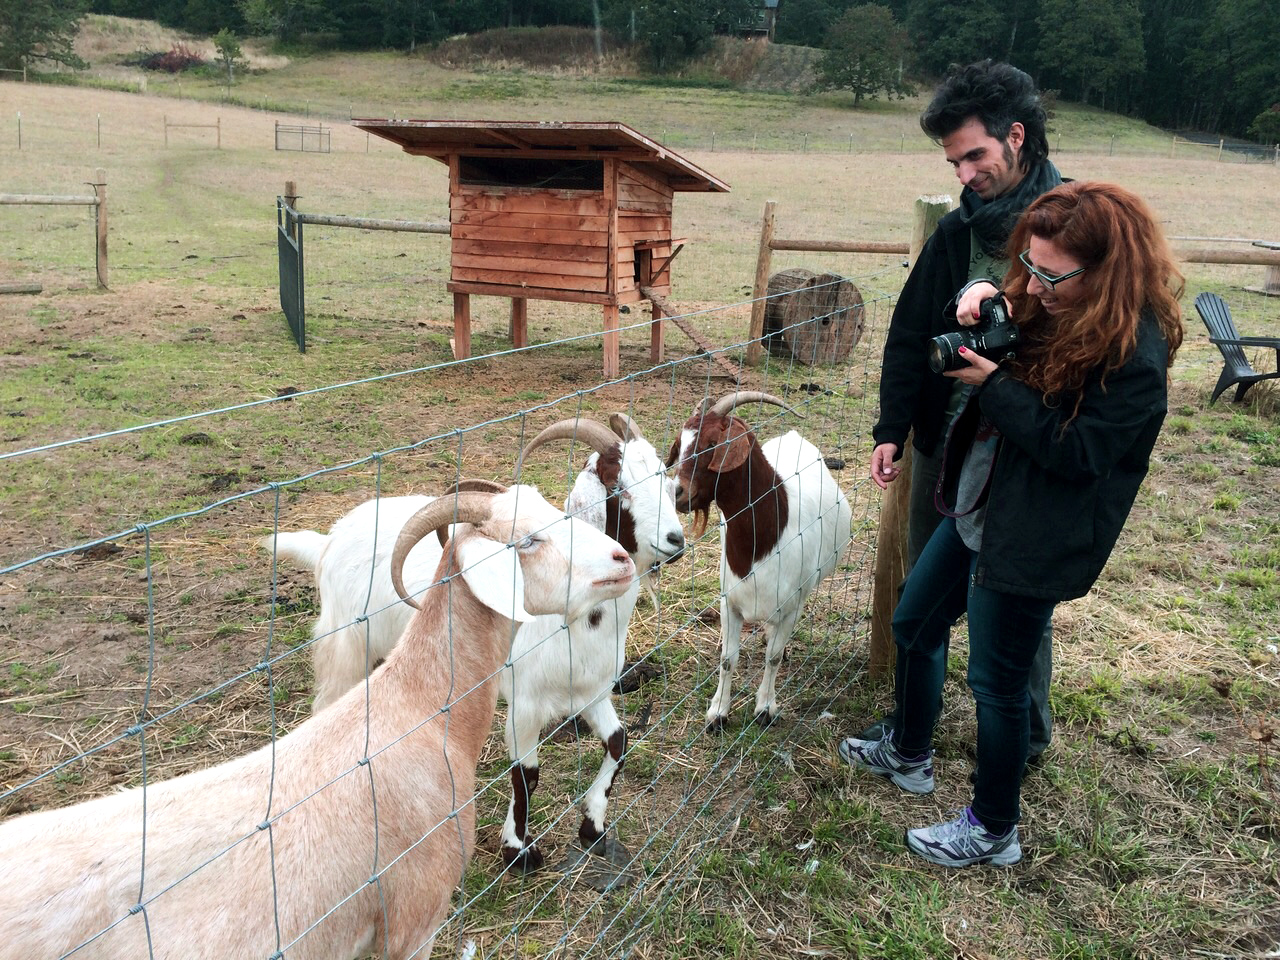 עדר מקסים של דוגמנים. בחוות המקלט